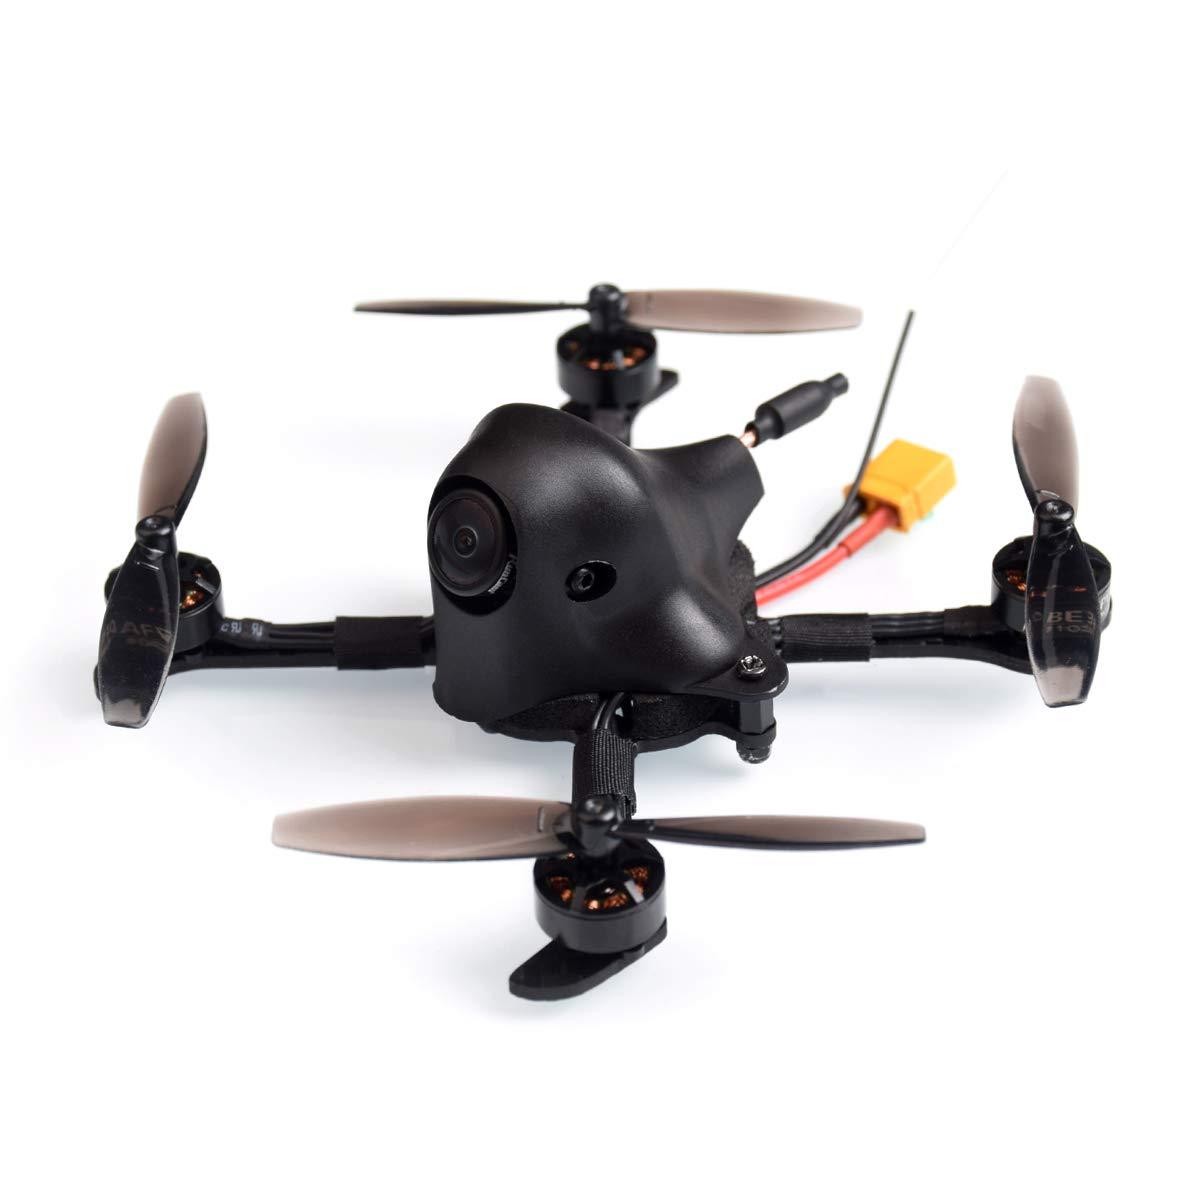 HX100 100mm 2-3S FPV Racing Quadcopter Carbon Fiber With F4 2-4S AIO 12A FC Runcam Nano V2 Camera OSD Smart Audio Motor RC Drone